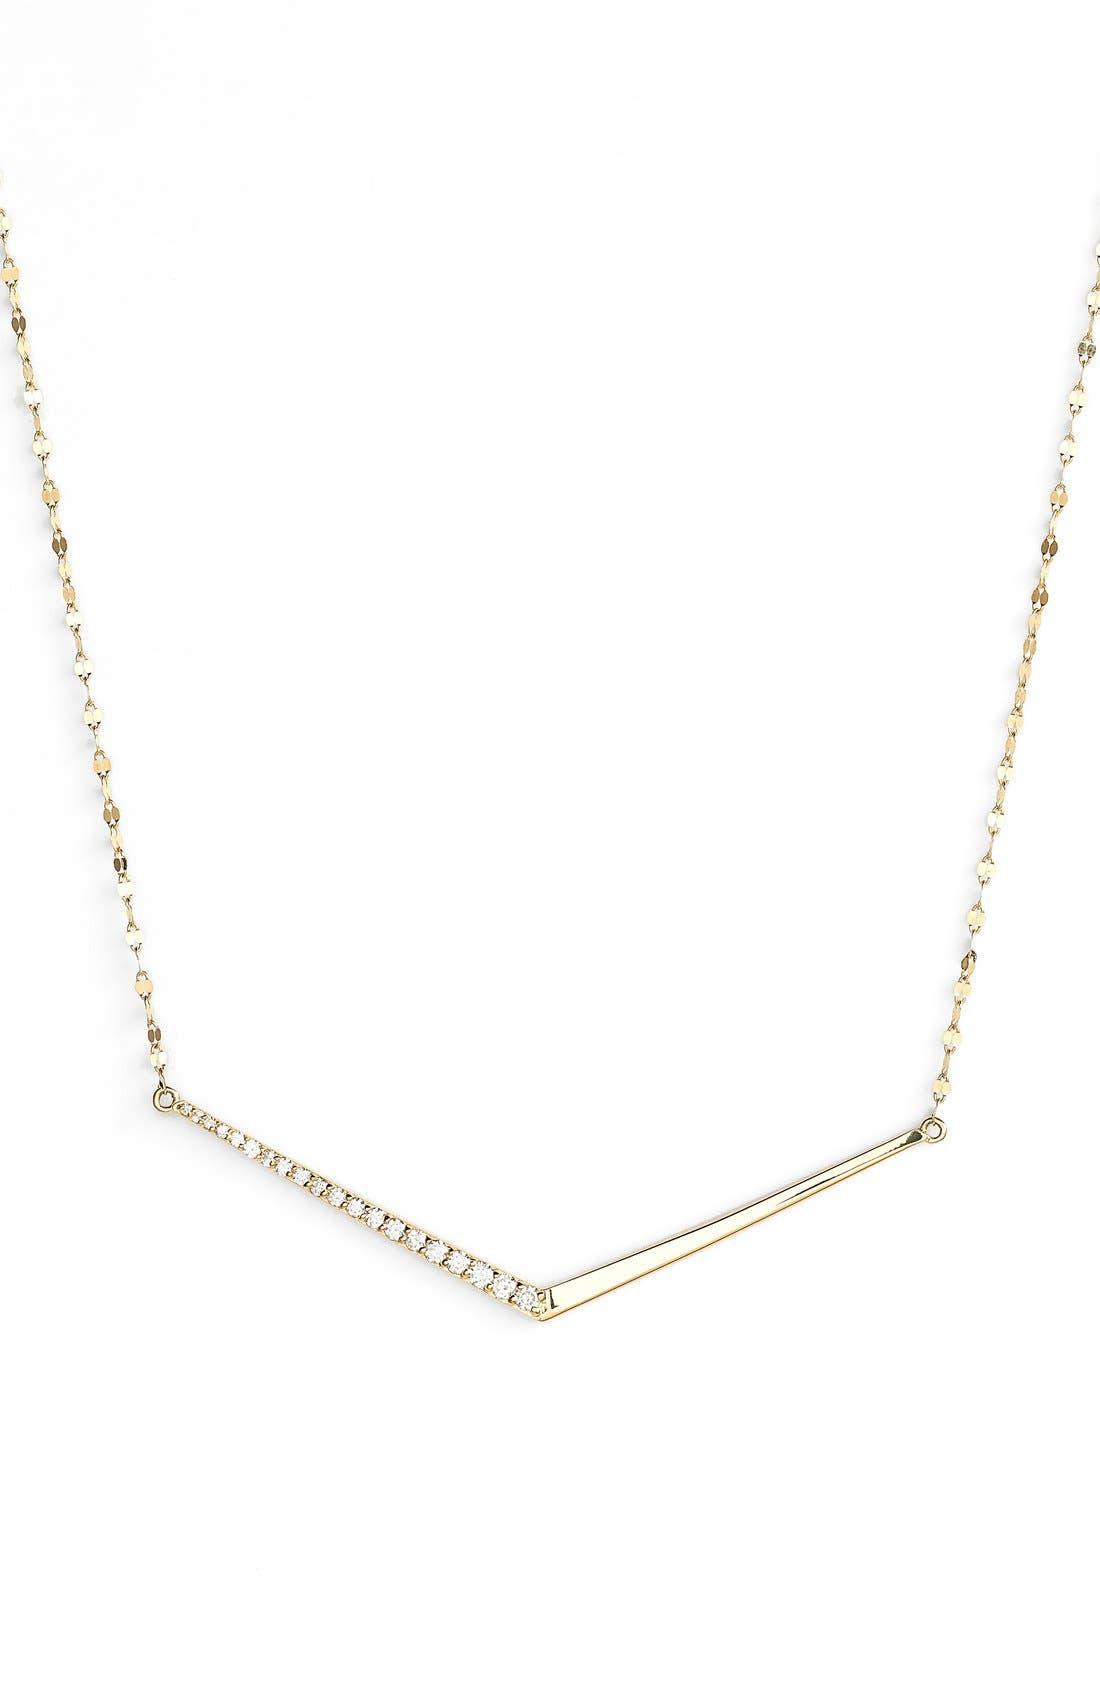 LANA JEWELRY 'Mirage' Edge Diamond Pendant Necklace